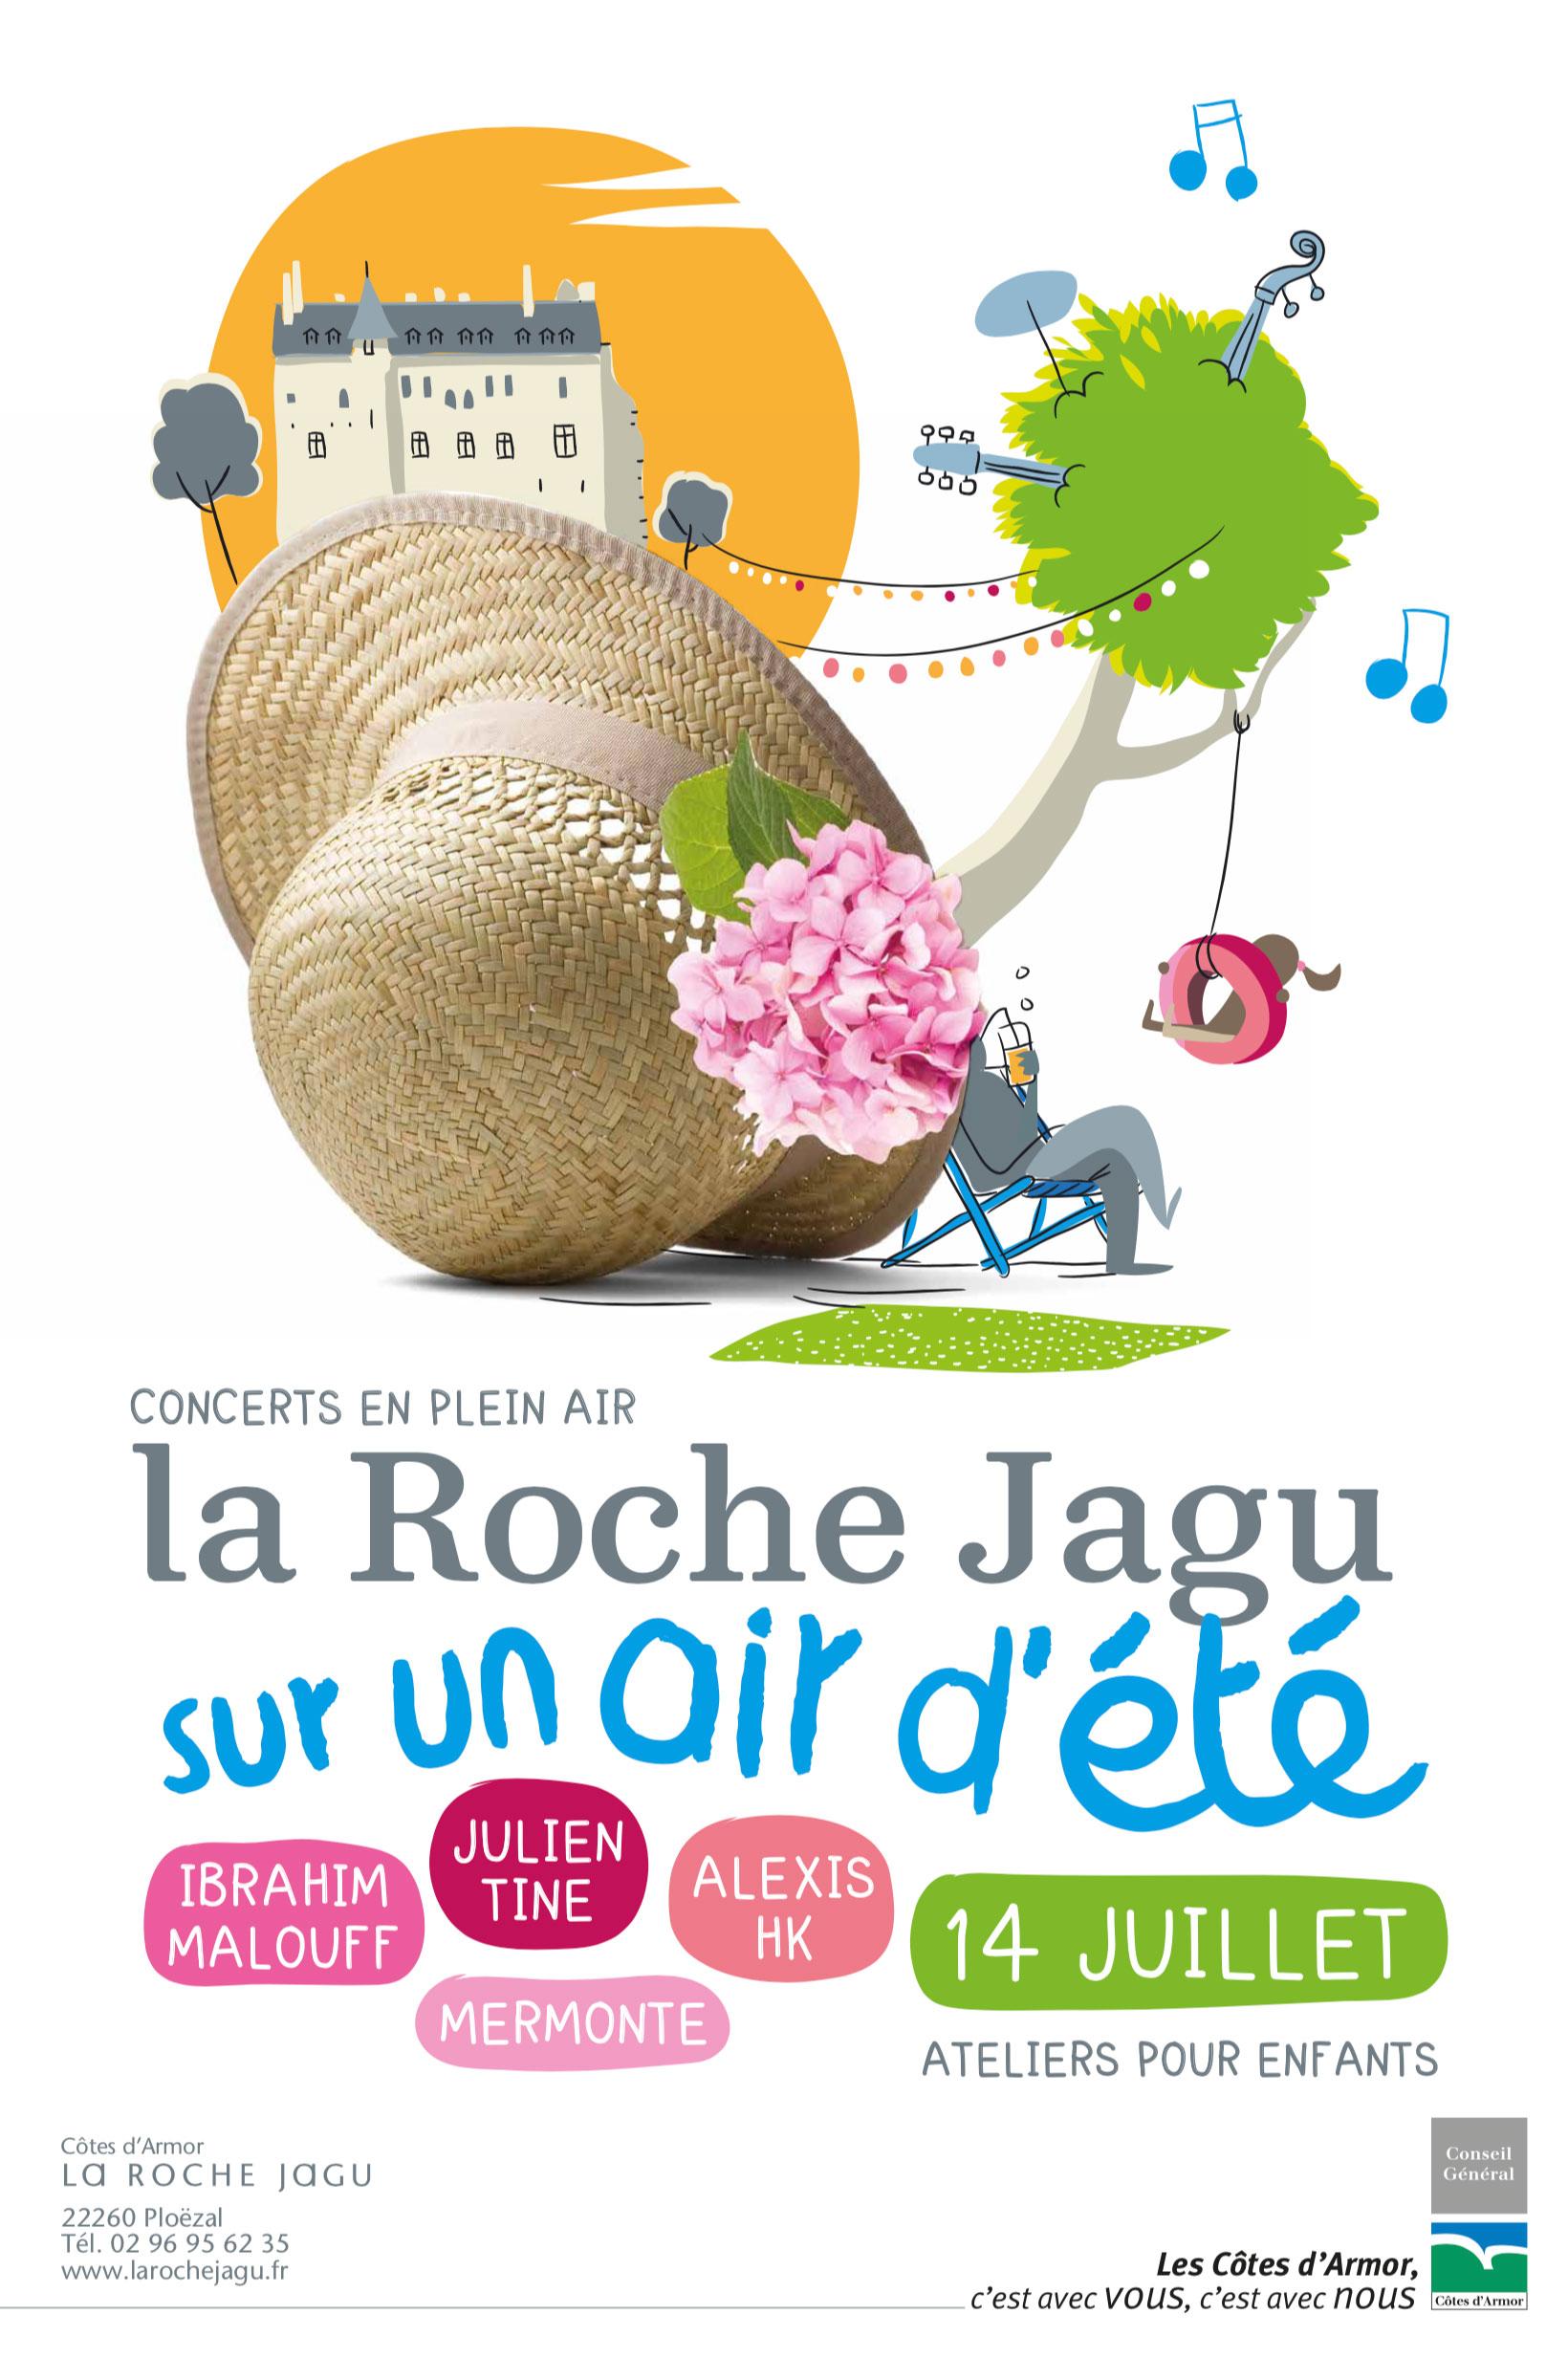 Conseil Departemental Cotes Armor Affiche Roche Jagu Concert